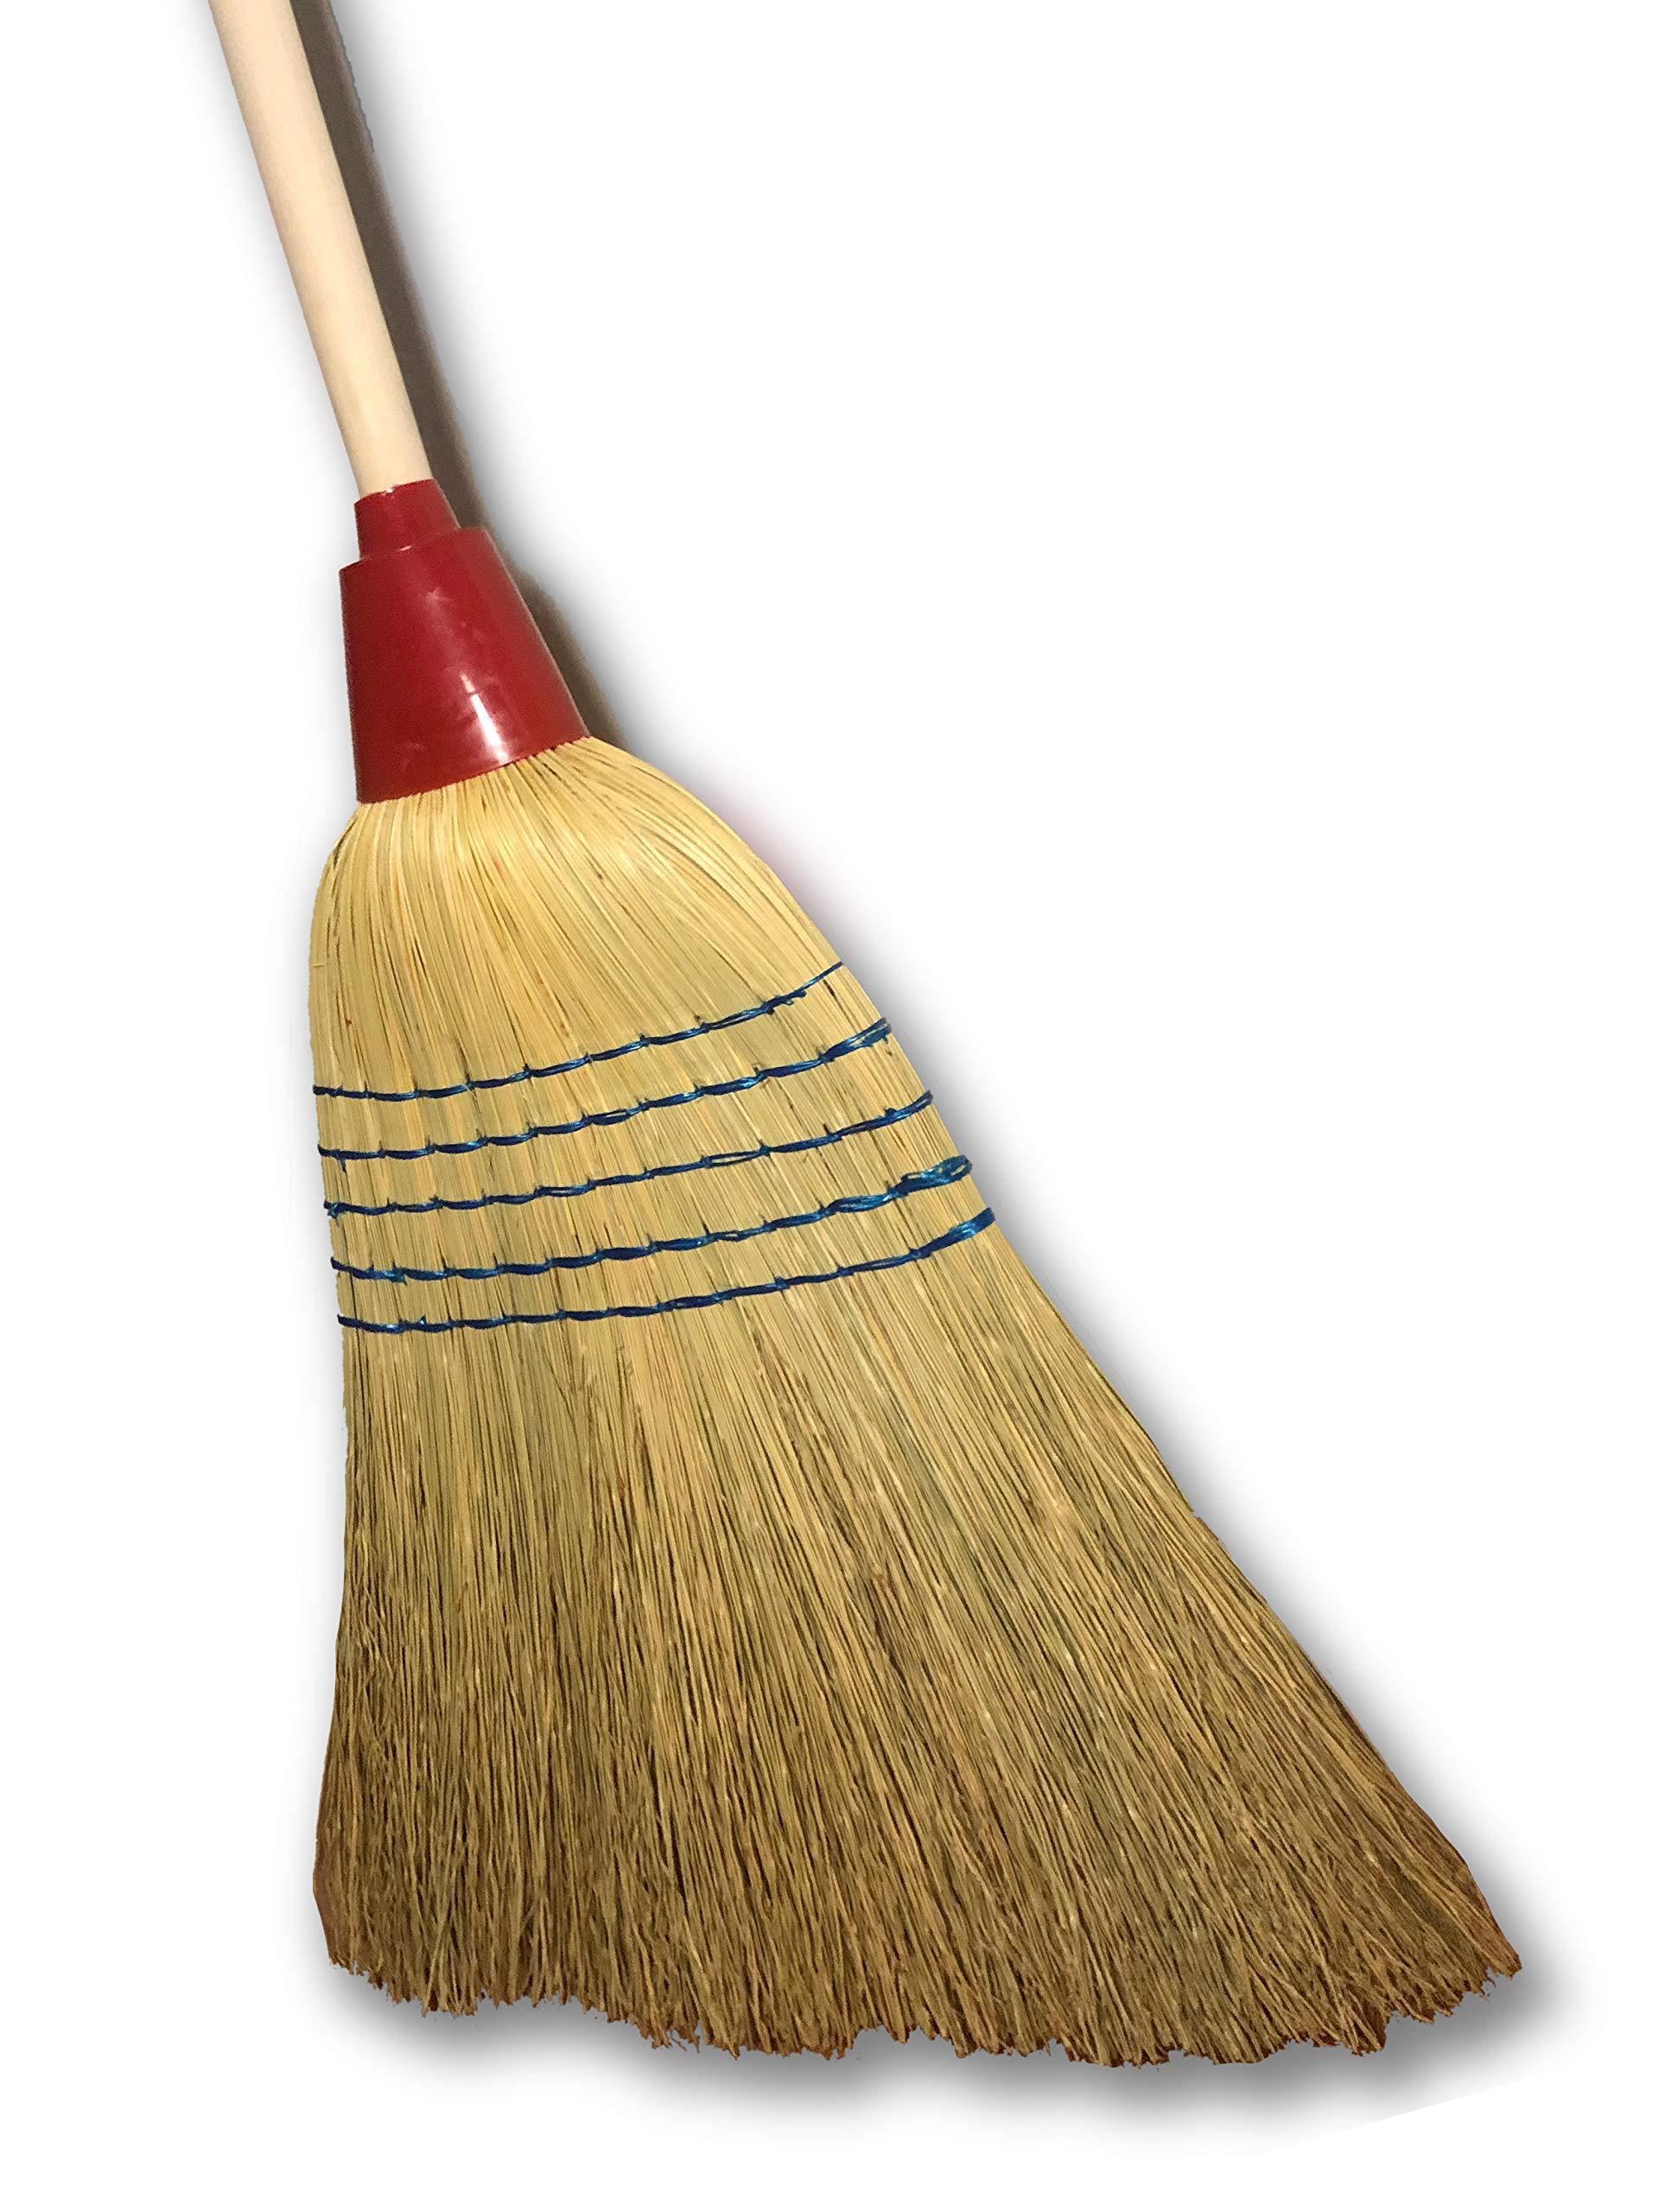 European Corn Broom (Natural) by Metla Inc (Image #3)